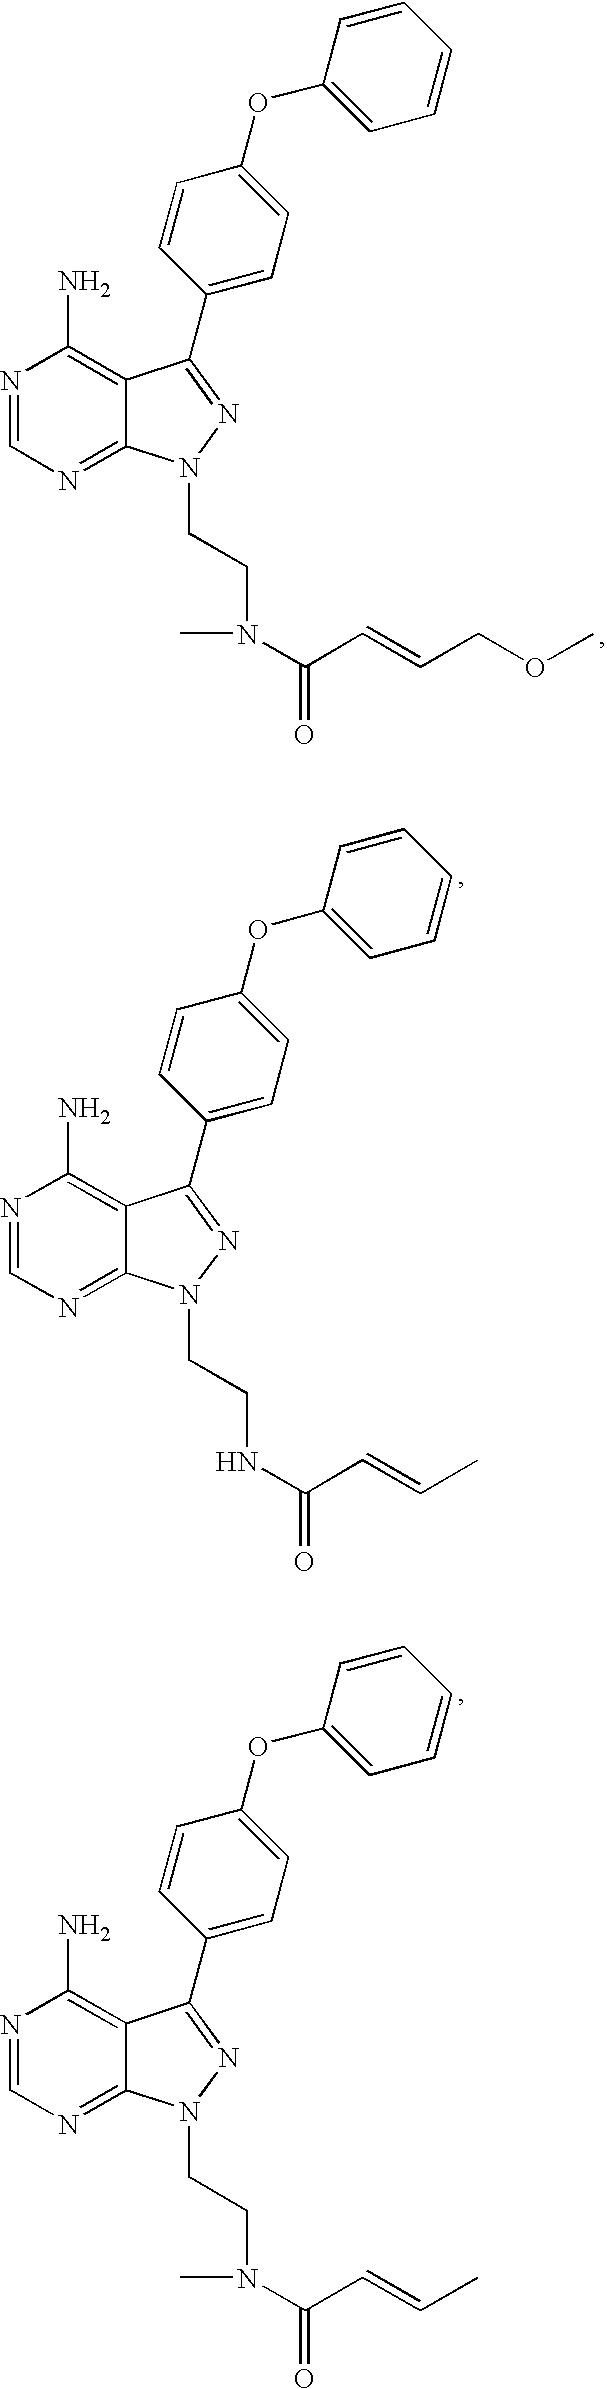 Figure US07514444-20090407-C00067